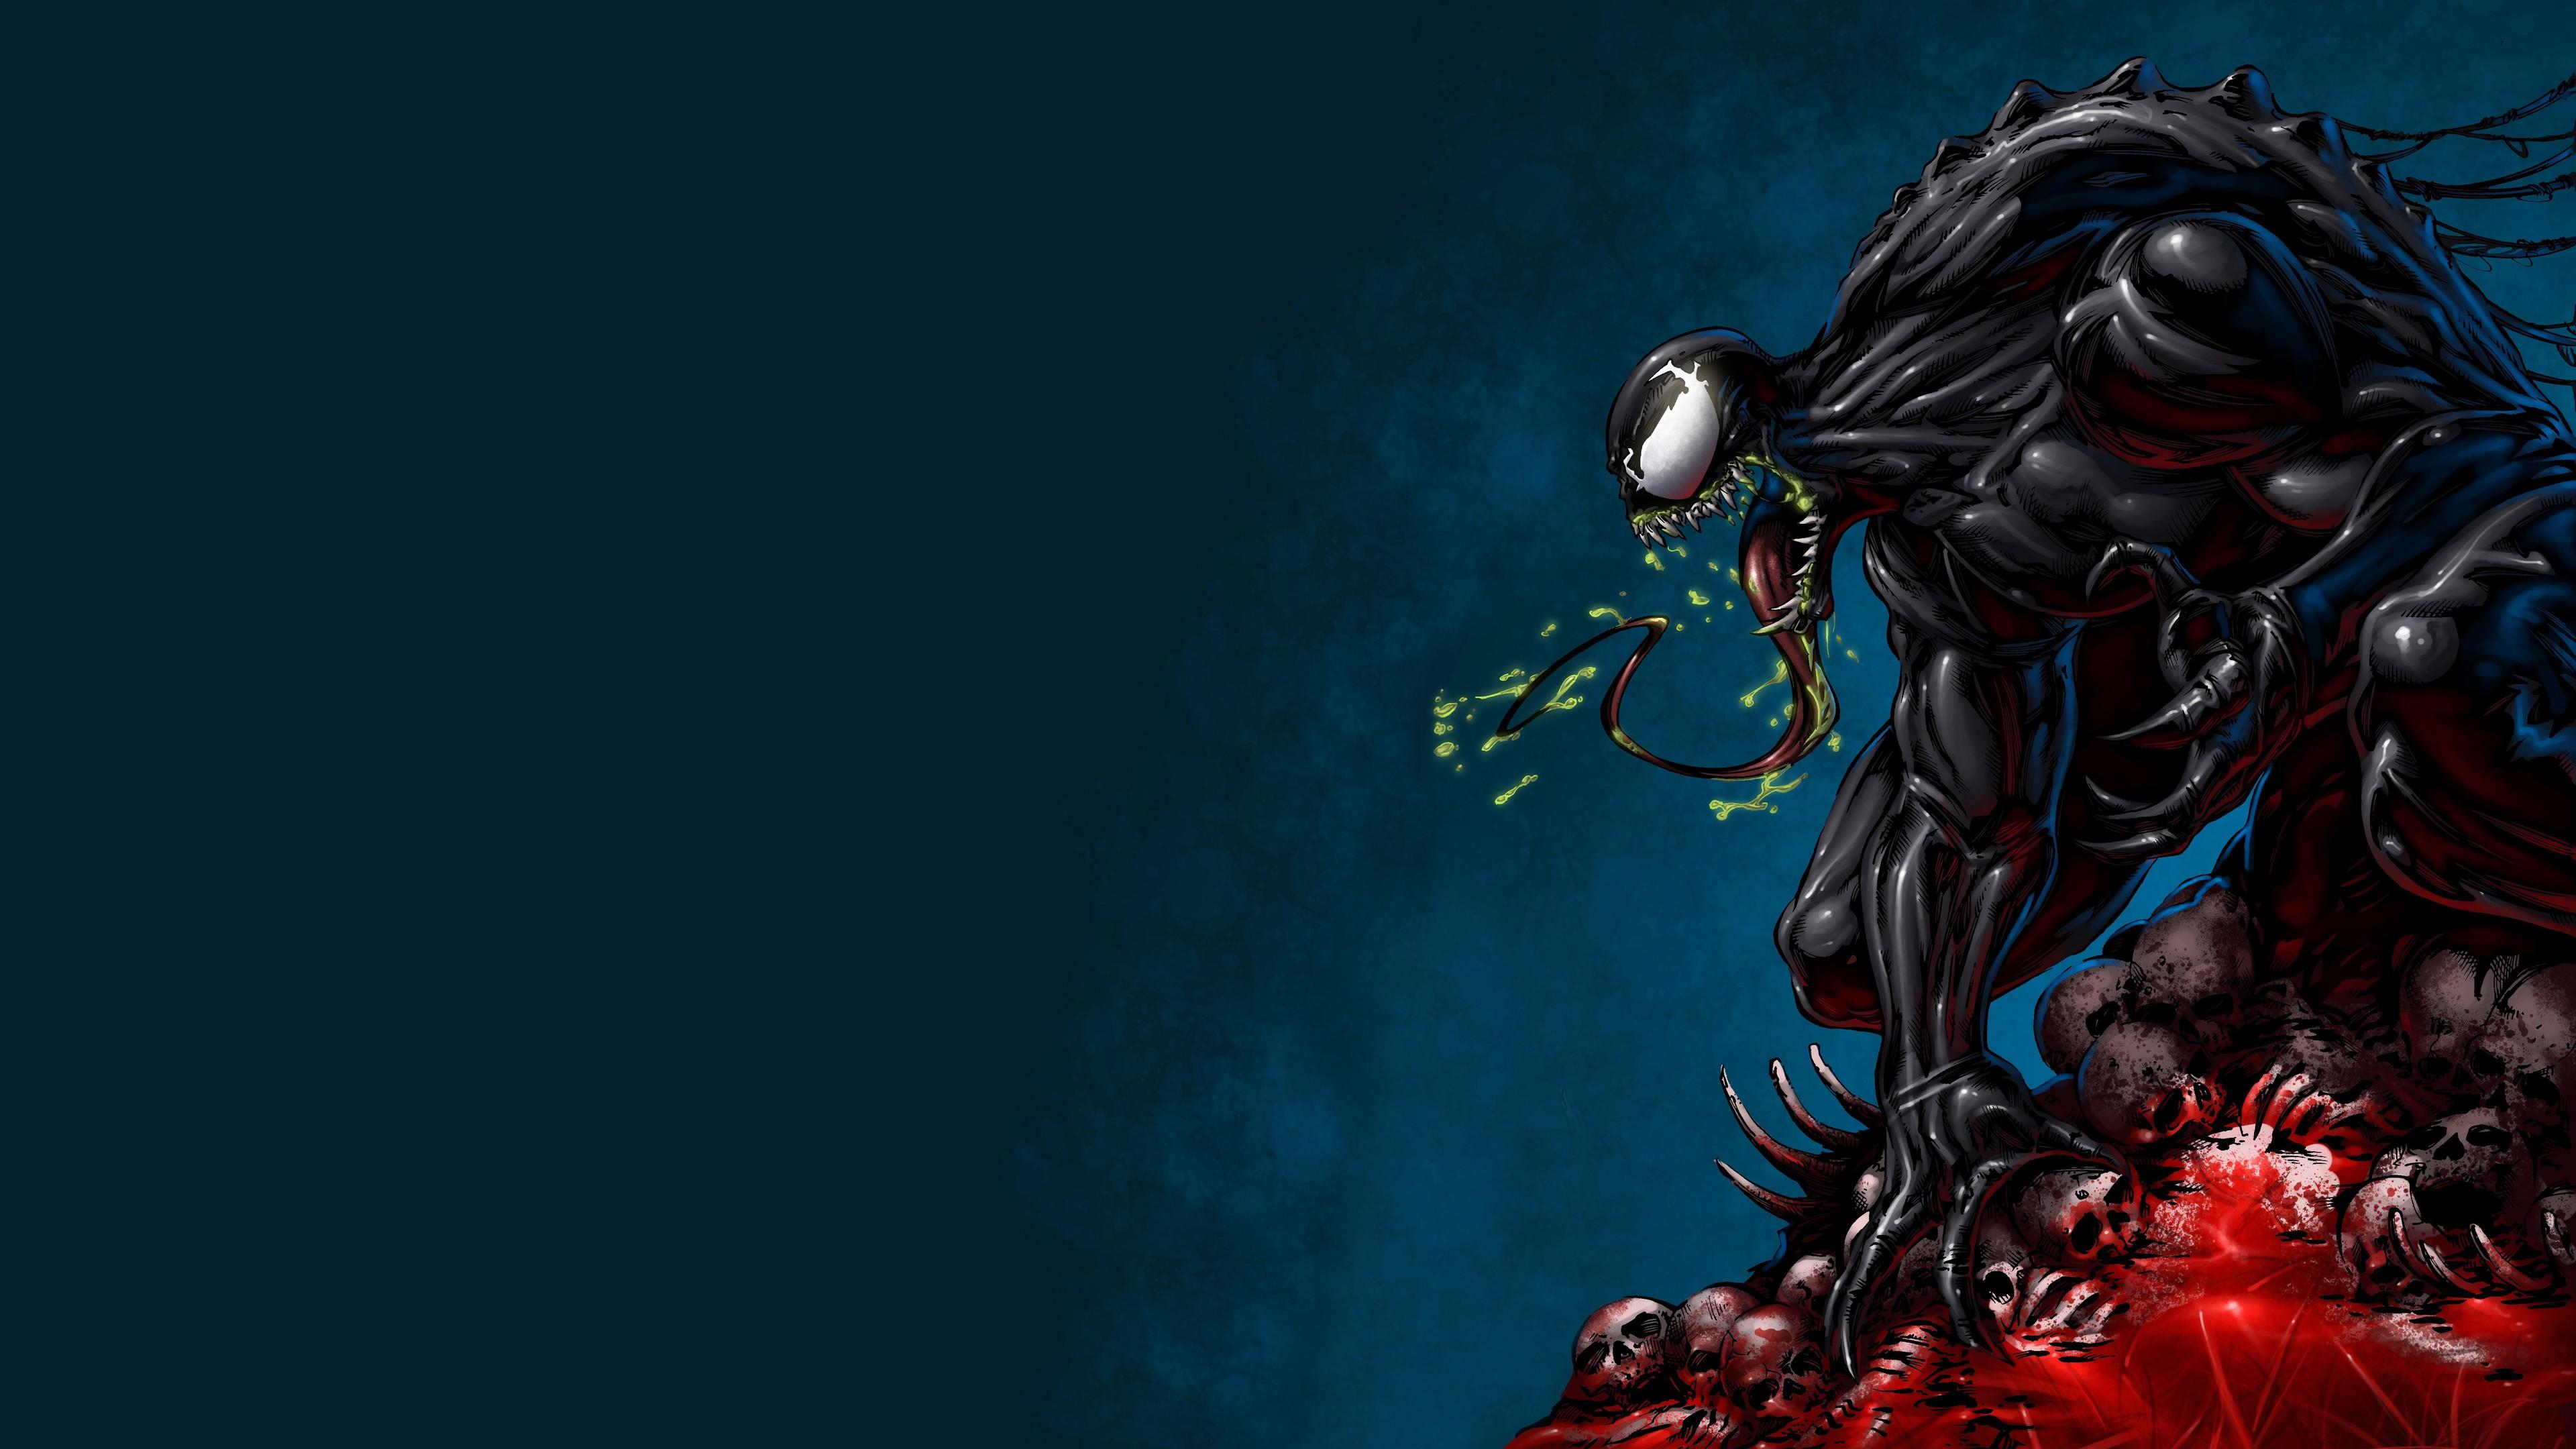 venom marvel comics 8k 1536521966 - Venom Marvel Comics 8k - Venom wallpapers, superheroes wallpapers, hd-wallpapers, comics wallpapers, artwork wallpapers, 8k wallpapers, 5k wallpapers, 4k-wallpapers